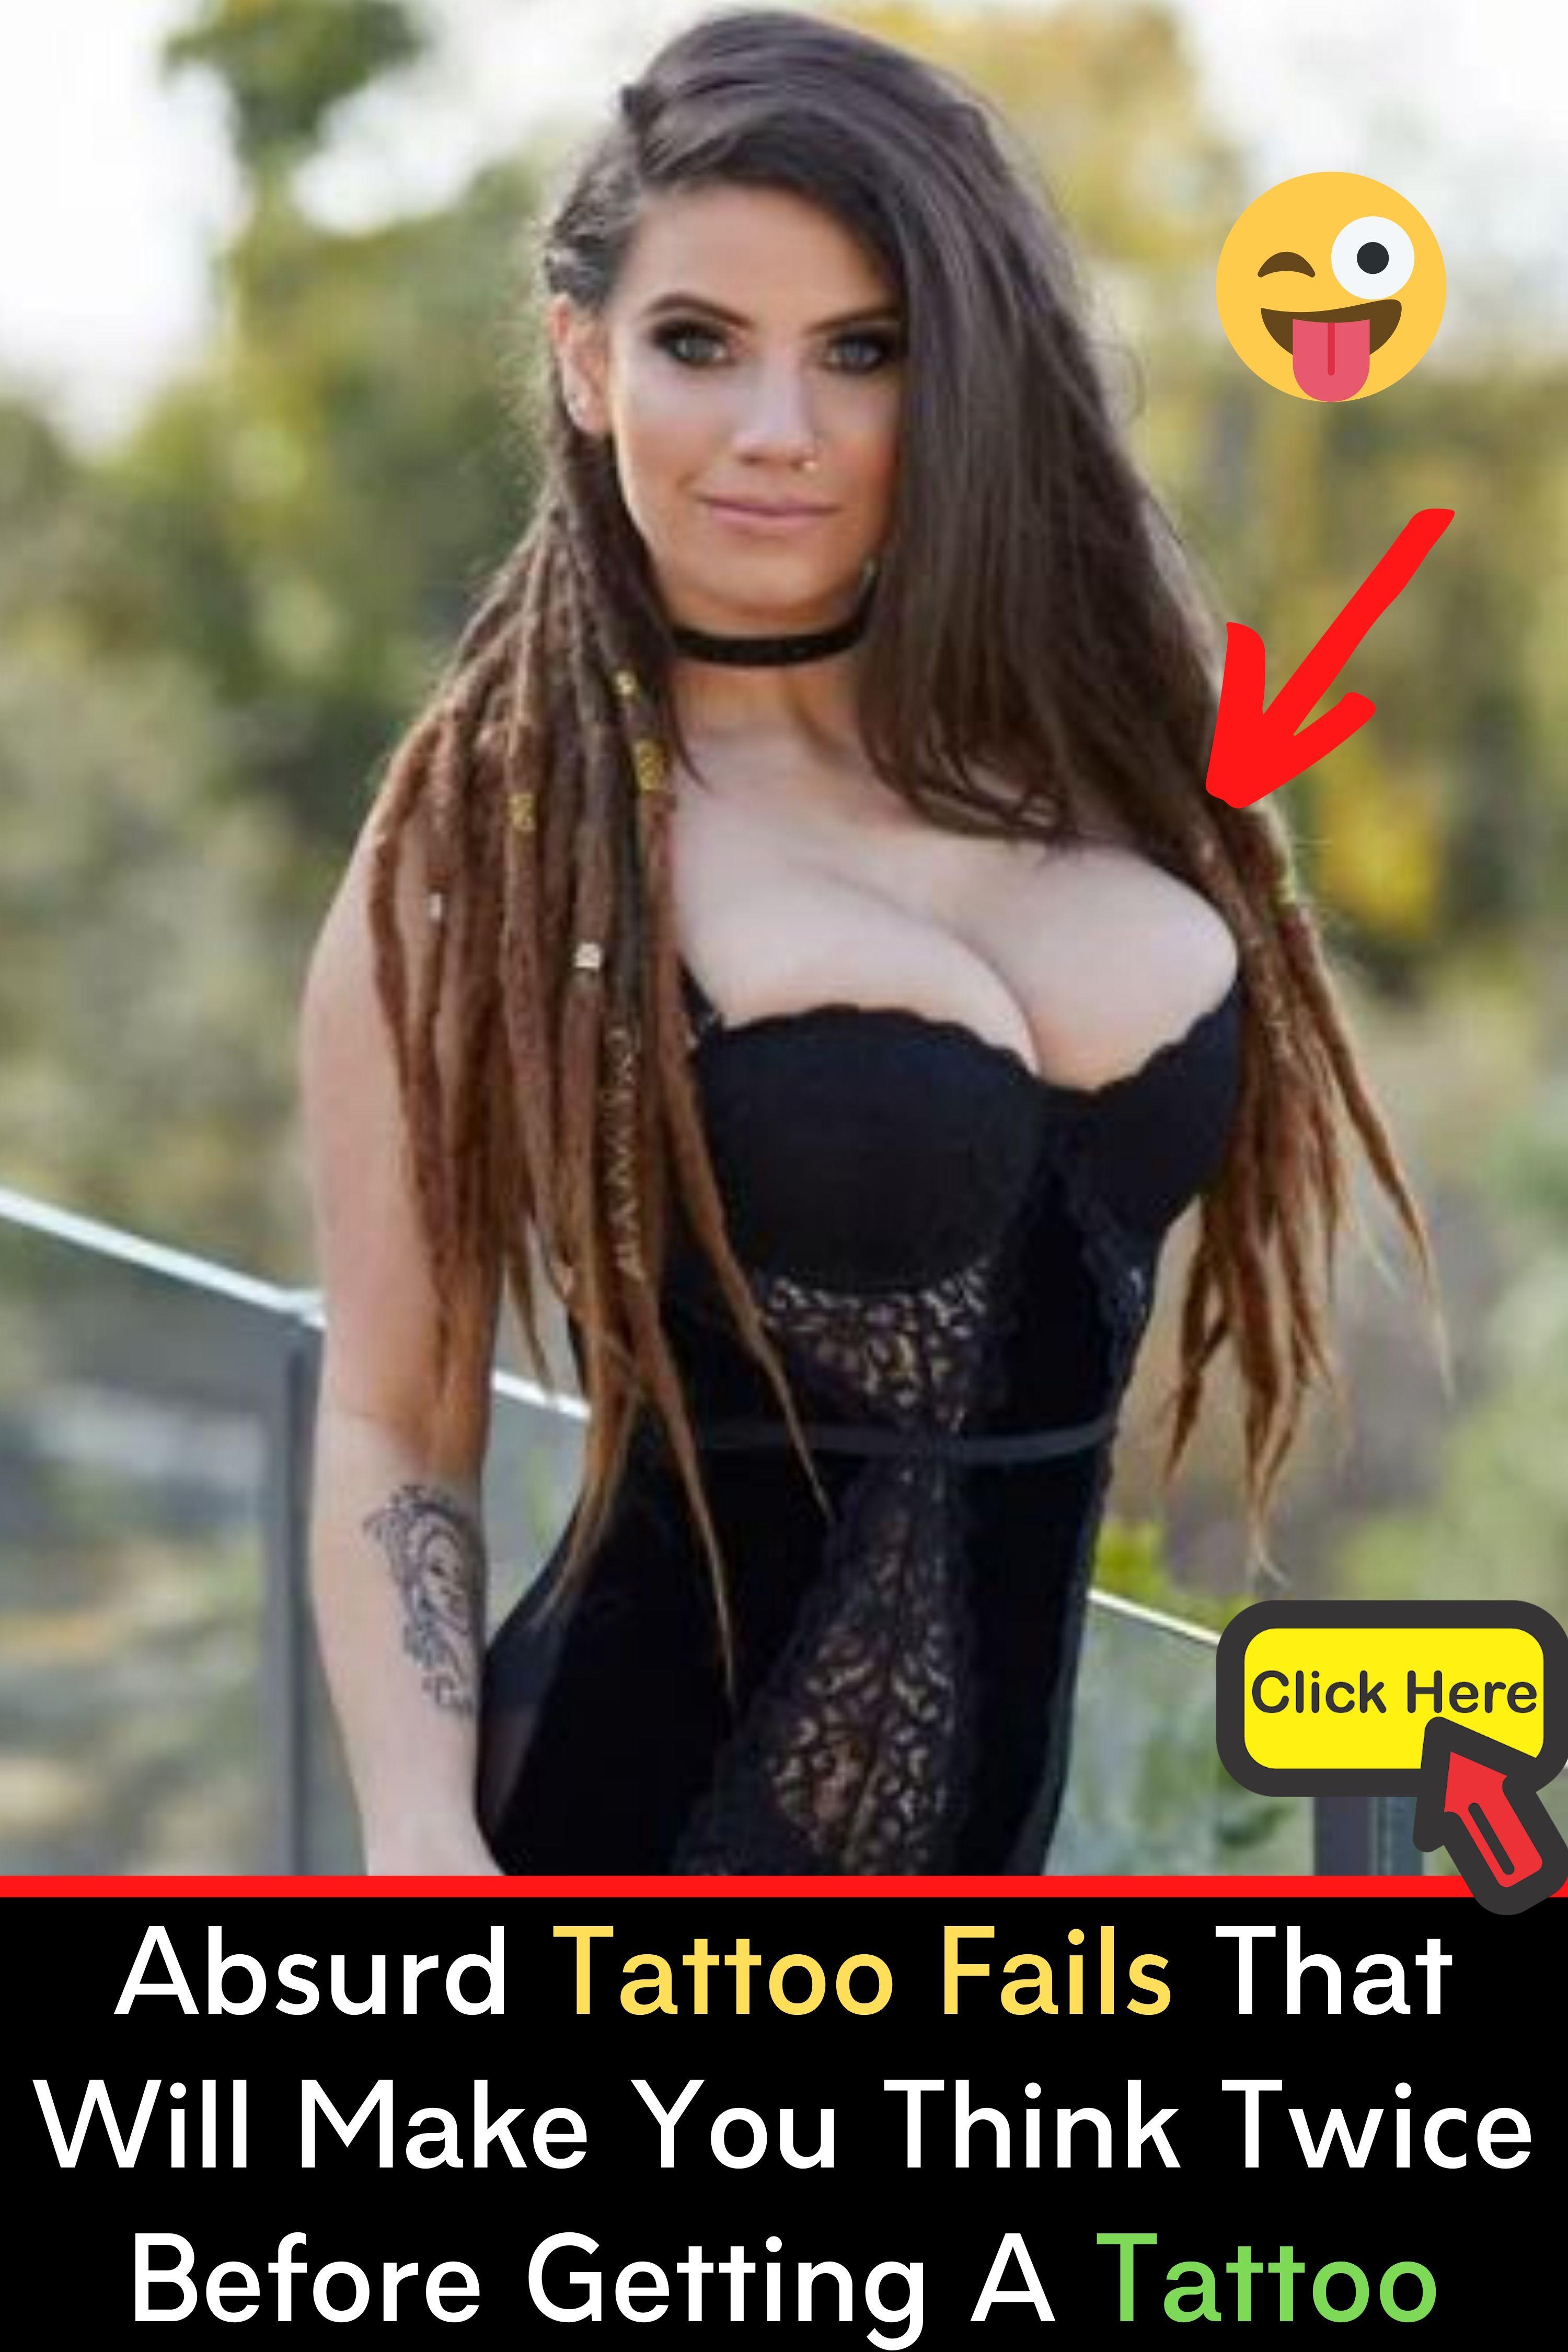 Absurd Tattoo Fails That Will Make You Think Twice Before Getting A Tattoo Tattoo Fails Find Wedding Dress Get A Tattoo